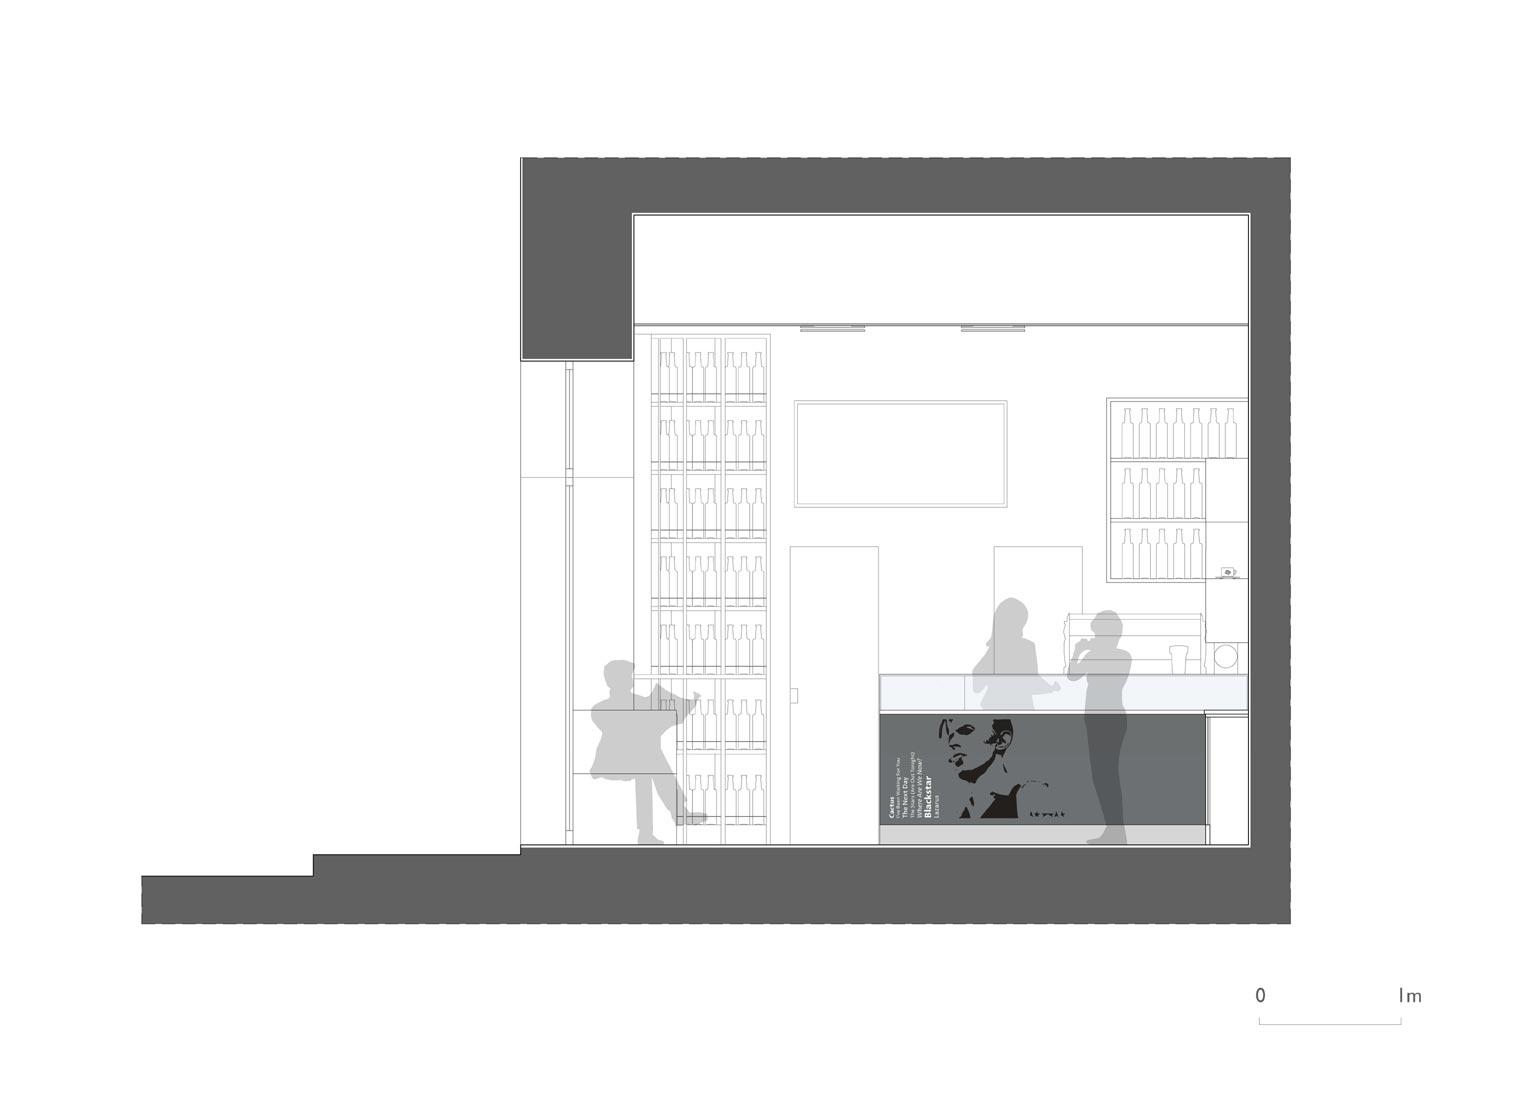 vk-architetti_spaceoddity_prosp1